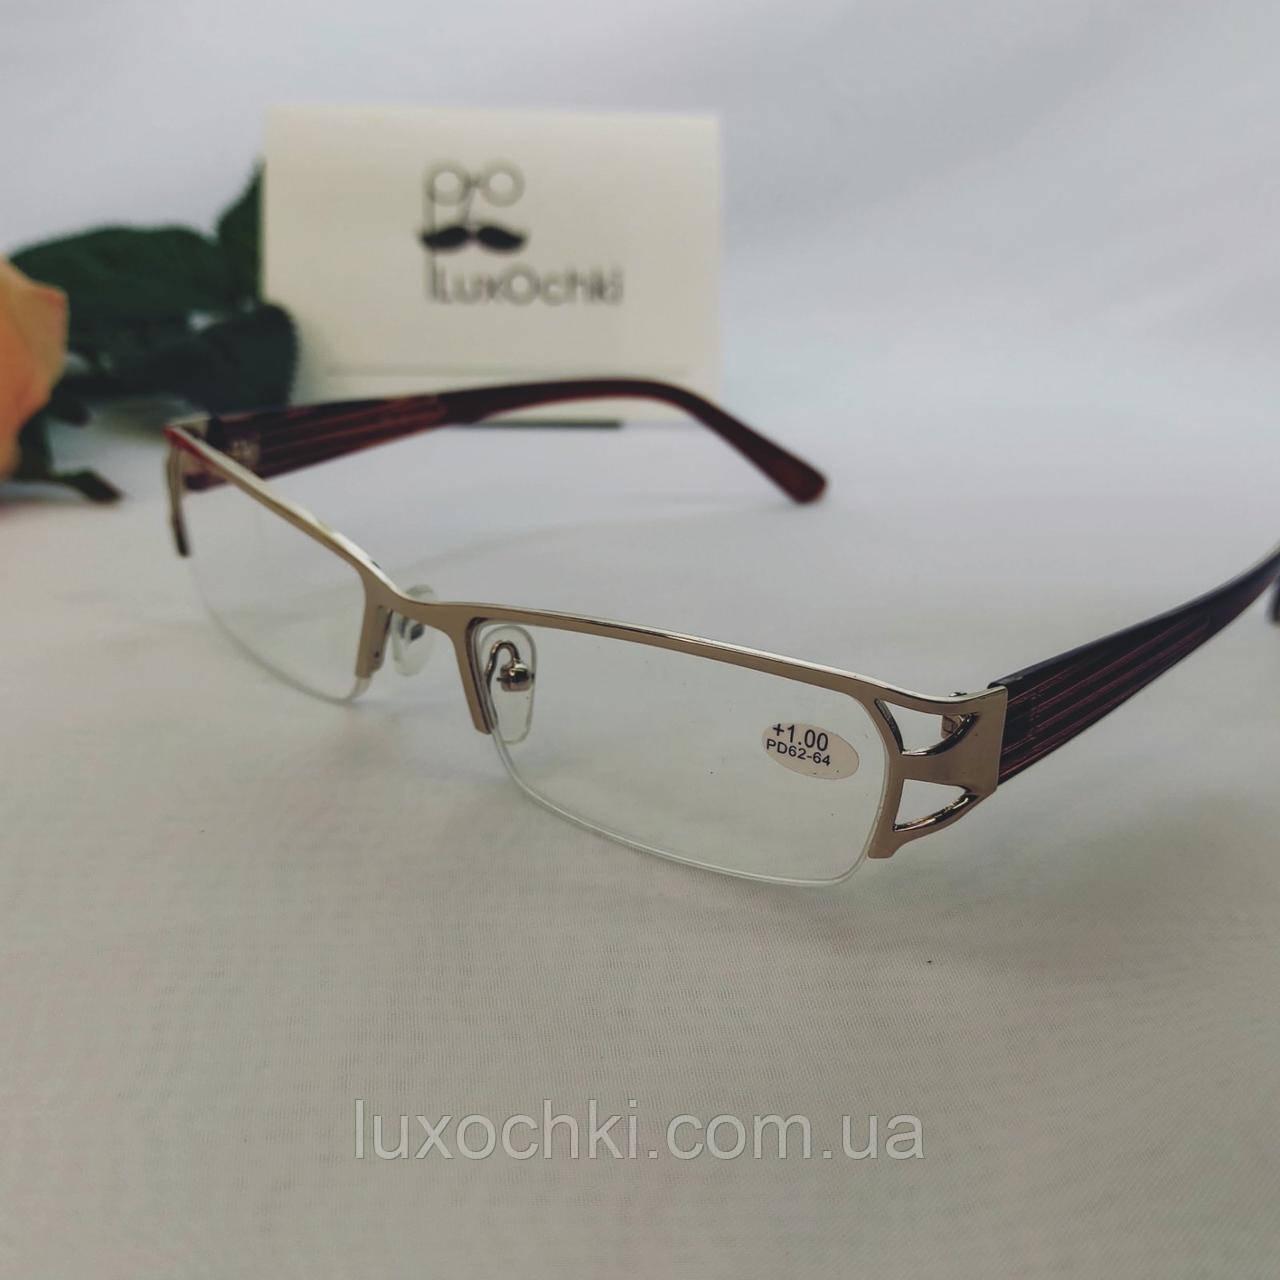 +1.0 Готовые женские очки для зрения полуободковые